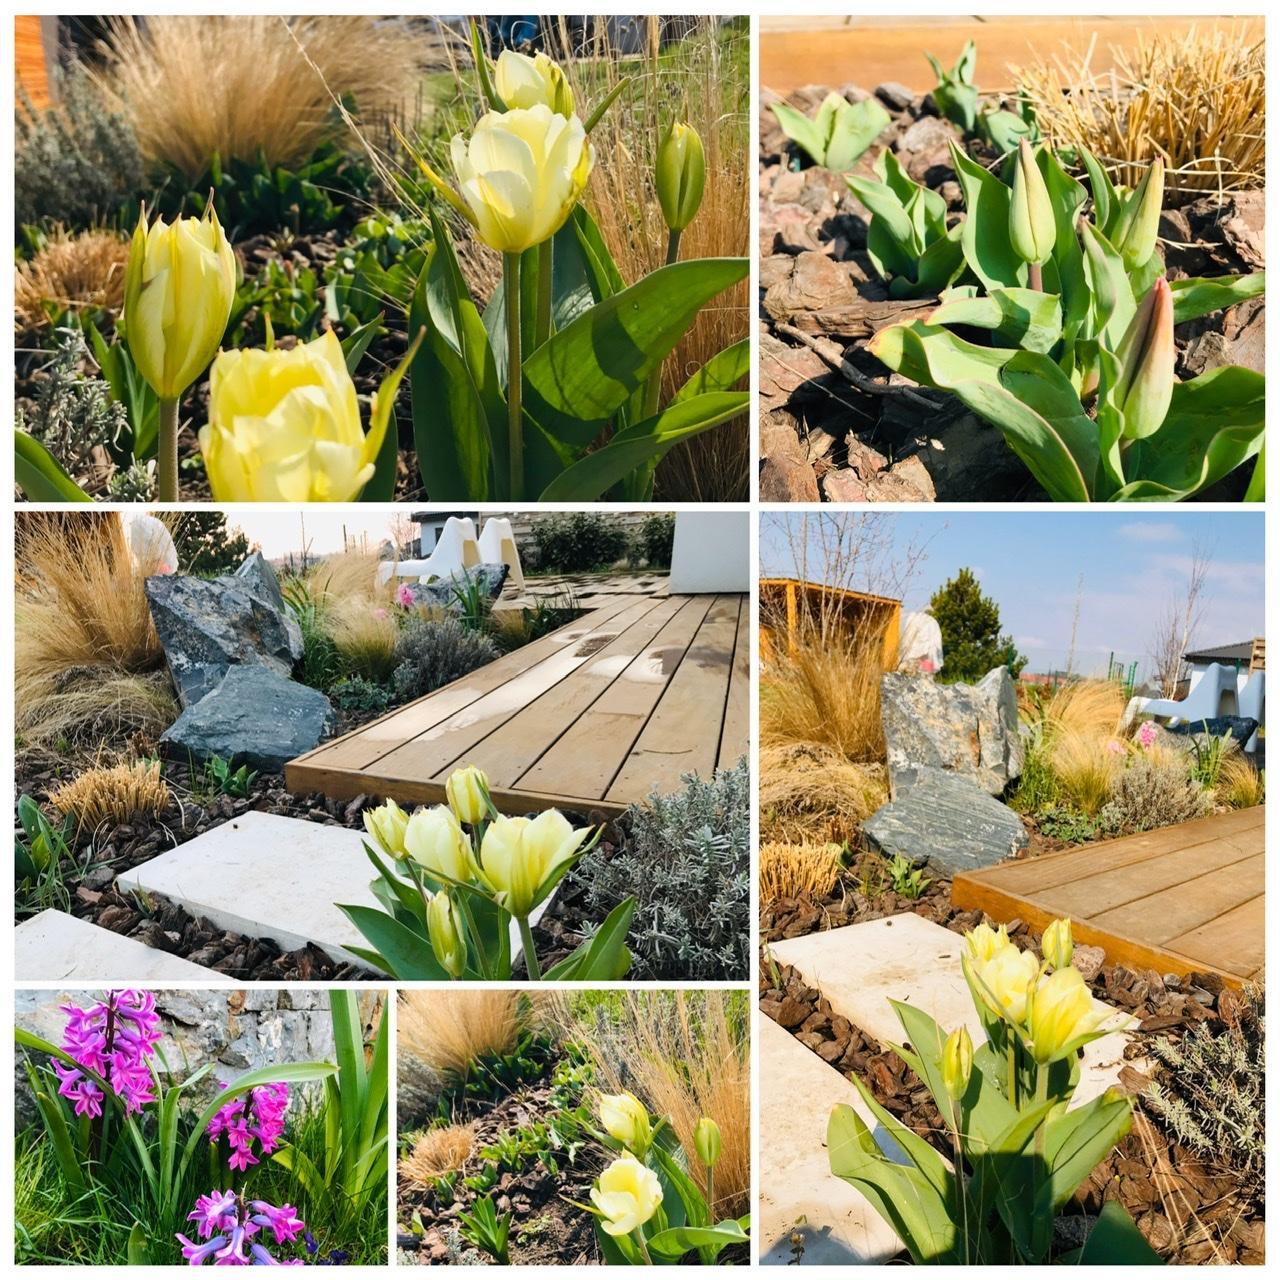 Naše L-ko - 2021 - stále dokončujeme - Začínajú sa otvárať prvé tulipány - prajem krásné slnečné ráno